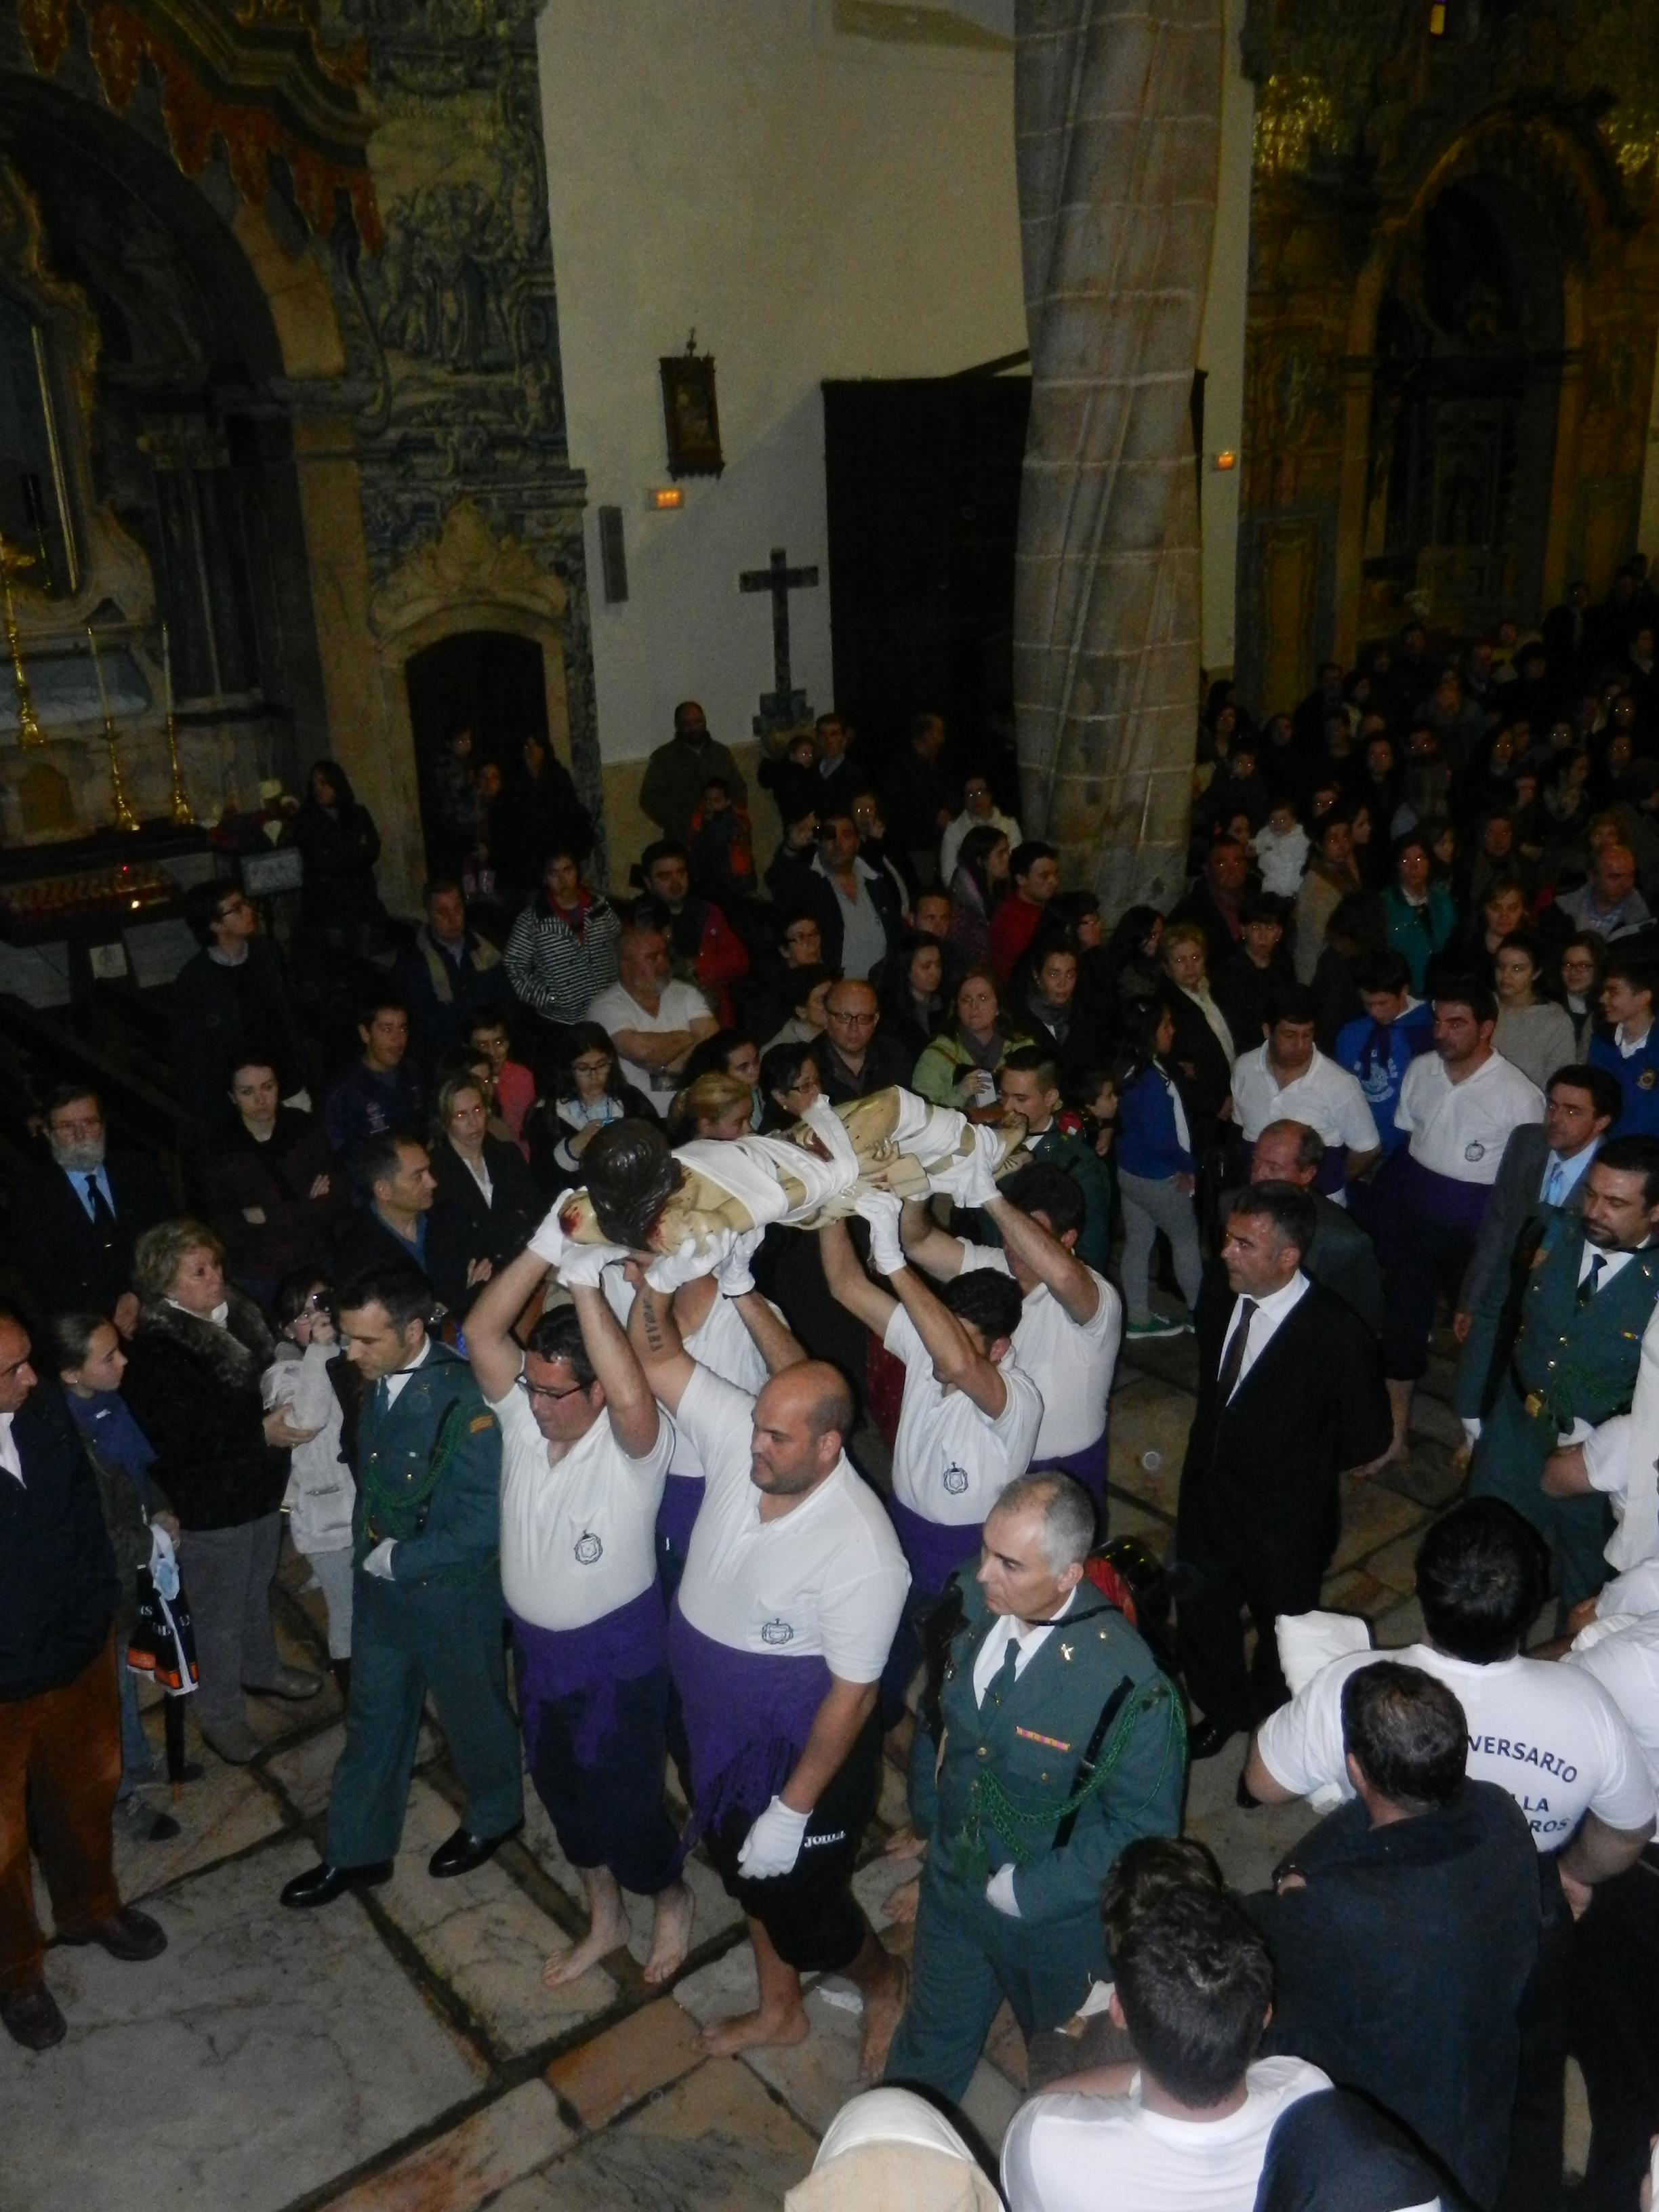 El Cristo Yacente es portado por costaleros y escoltado por la Guardia Civil